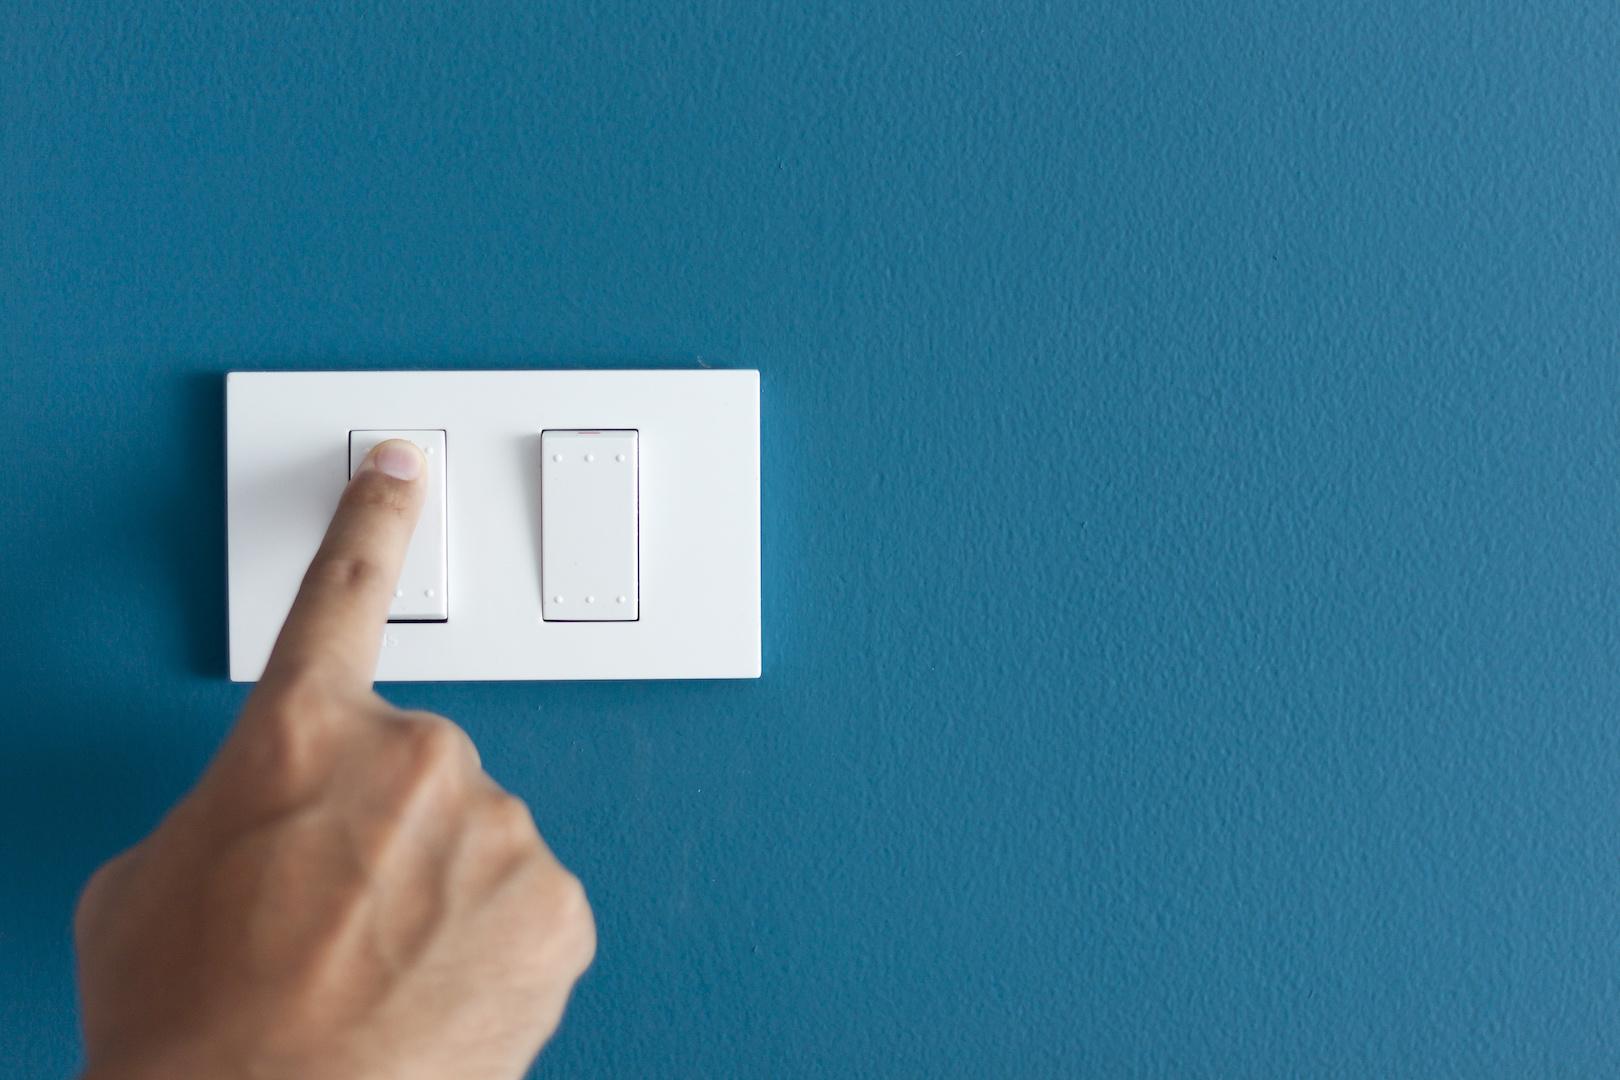 【意外な盲点!?お家づくりにおけるスイッチと照明の話】